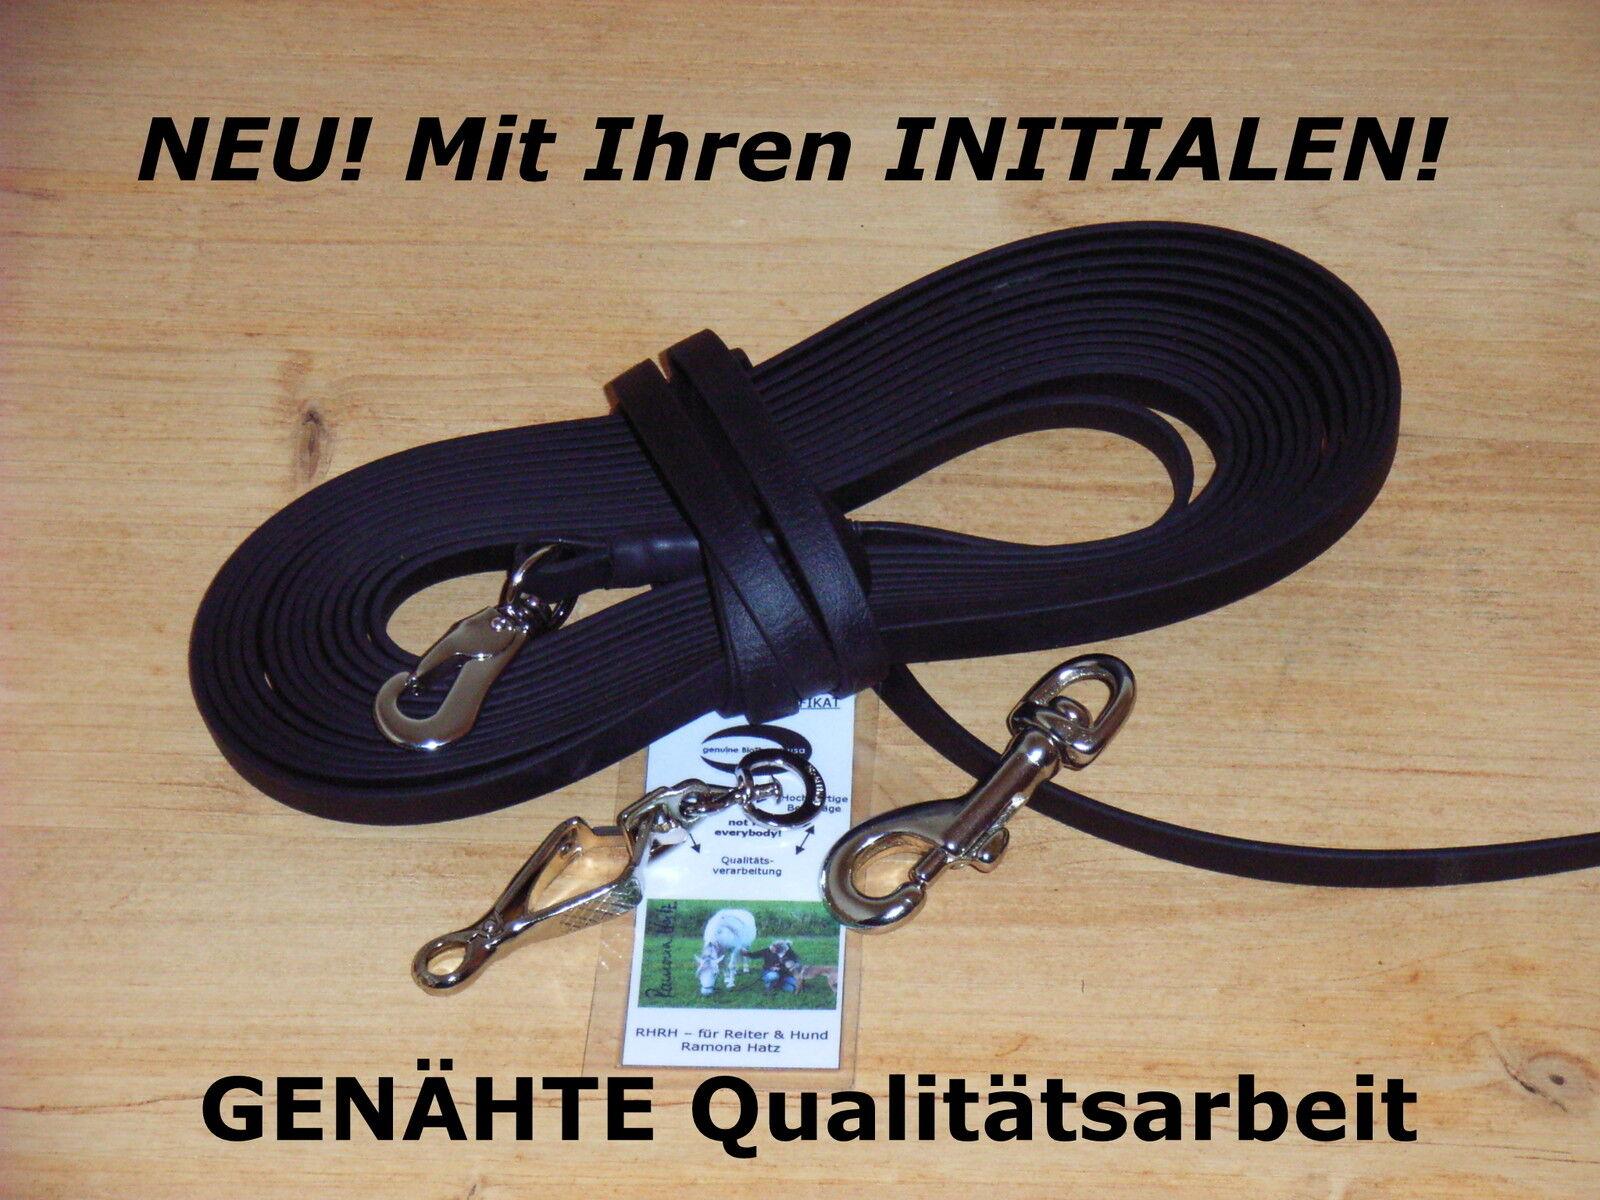 20m BioThane Schleppleine schwarz 16mm GENÄHT  Suchleine Fährtenleine Fährtenleine Fährtenleine    Ausgezeichnetes Handwerk  cb8e5c